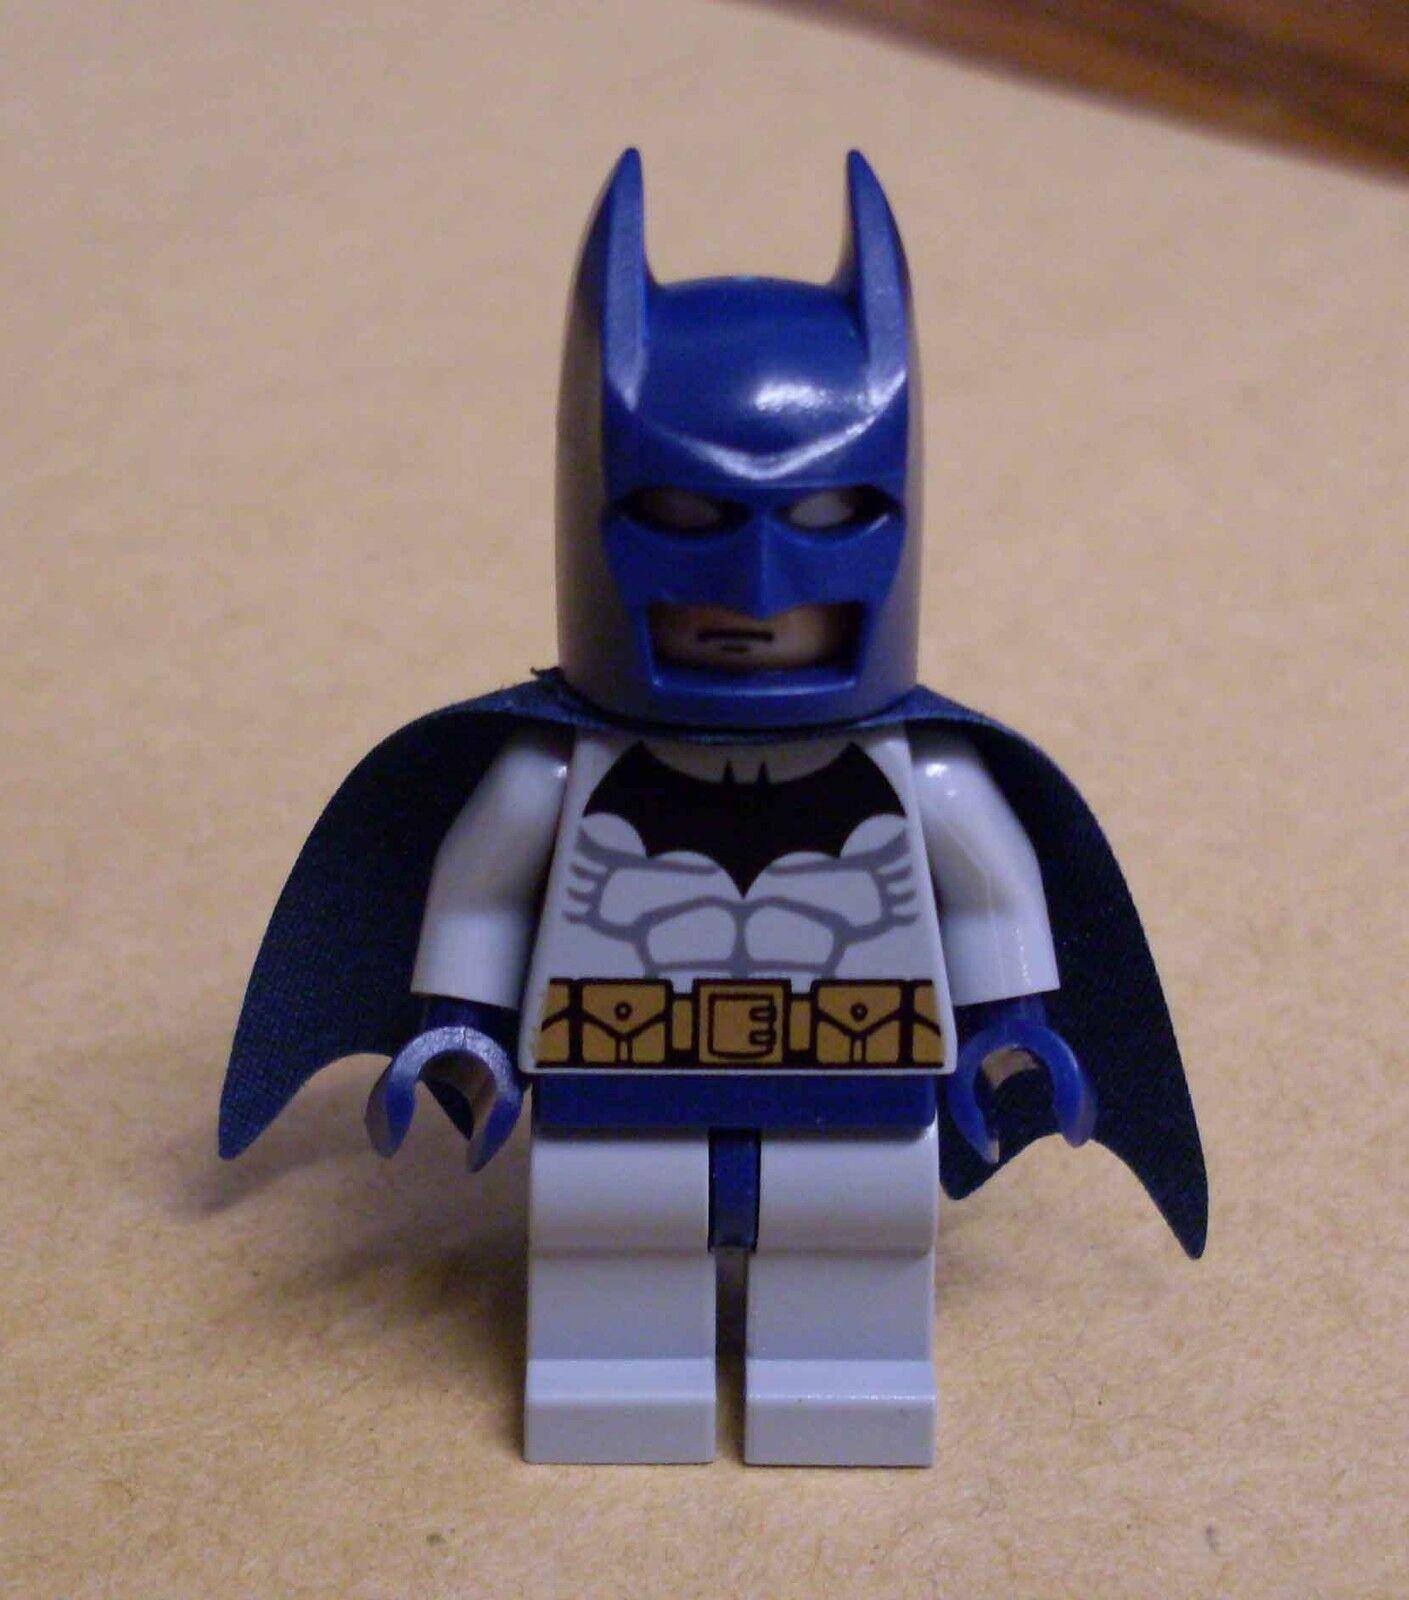 LEGO BatFemme-personnage BatFemme-personnage BatFemme-personnage personnages Gris Avec Bleu masque et cape super héros NEUF d05a1a